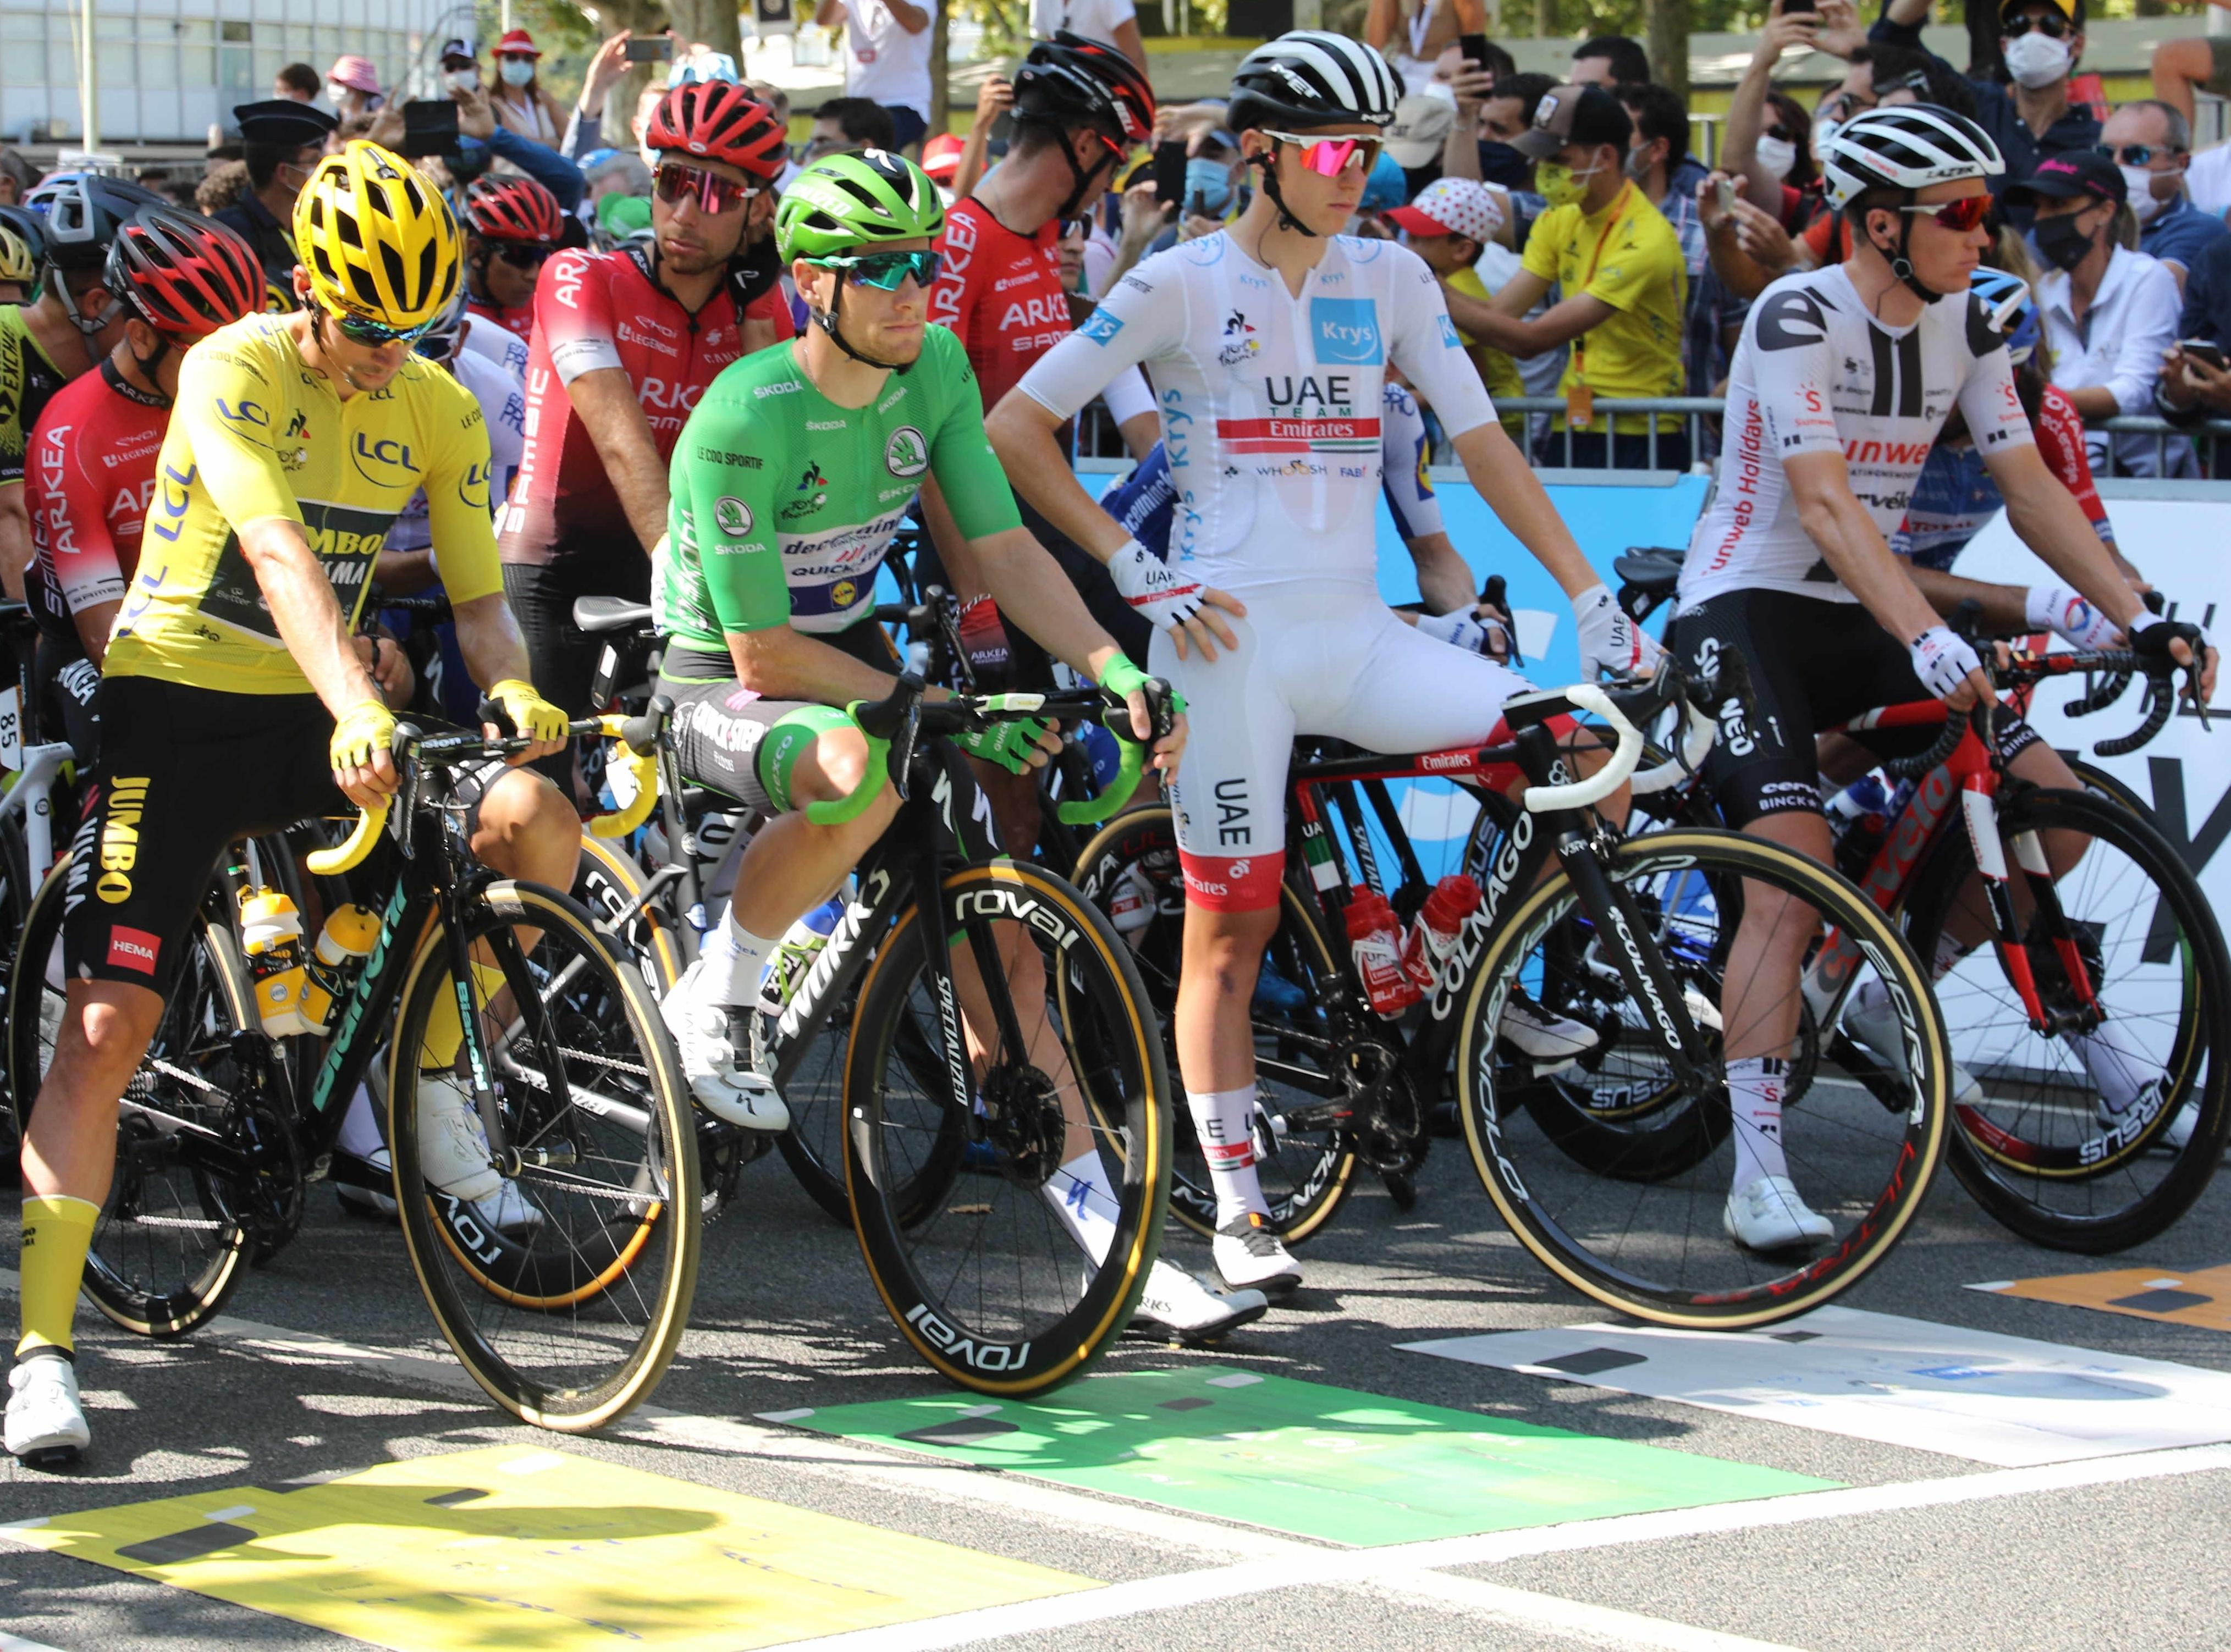 Znamke koles in opreme ekip na dirki po Franciji